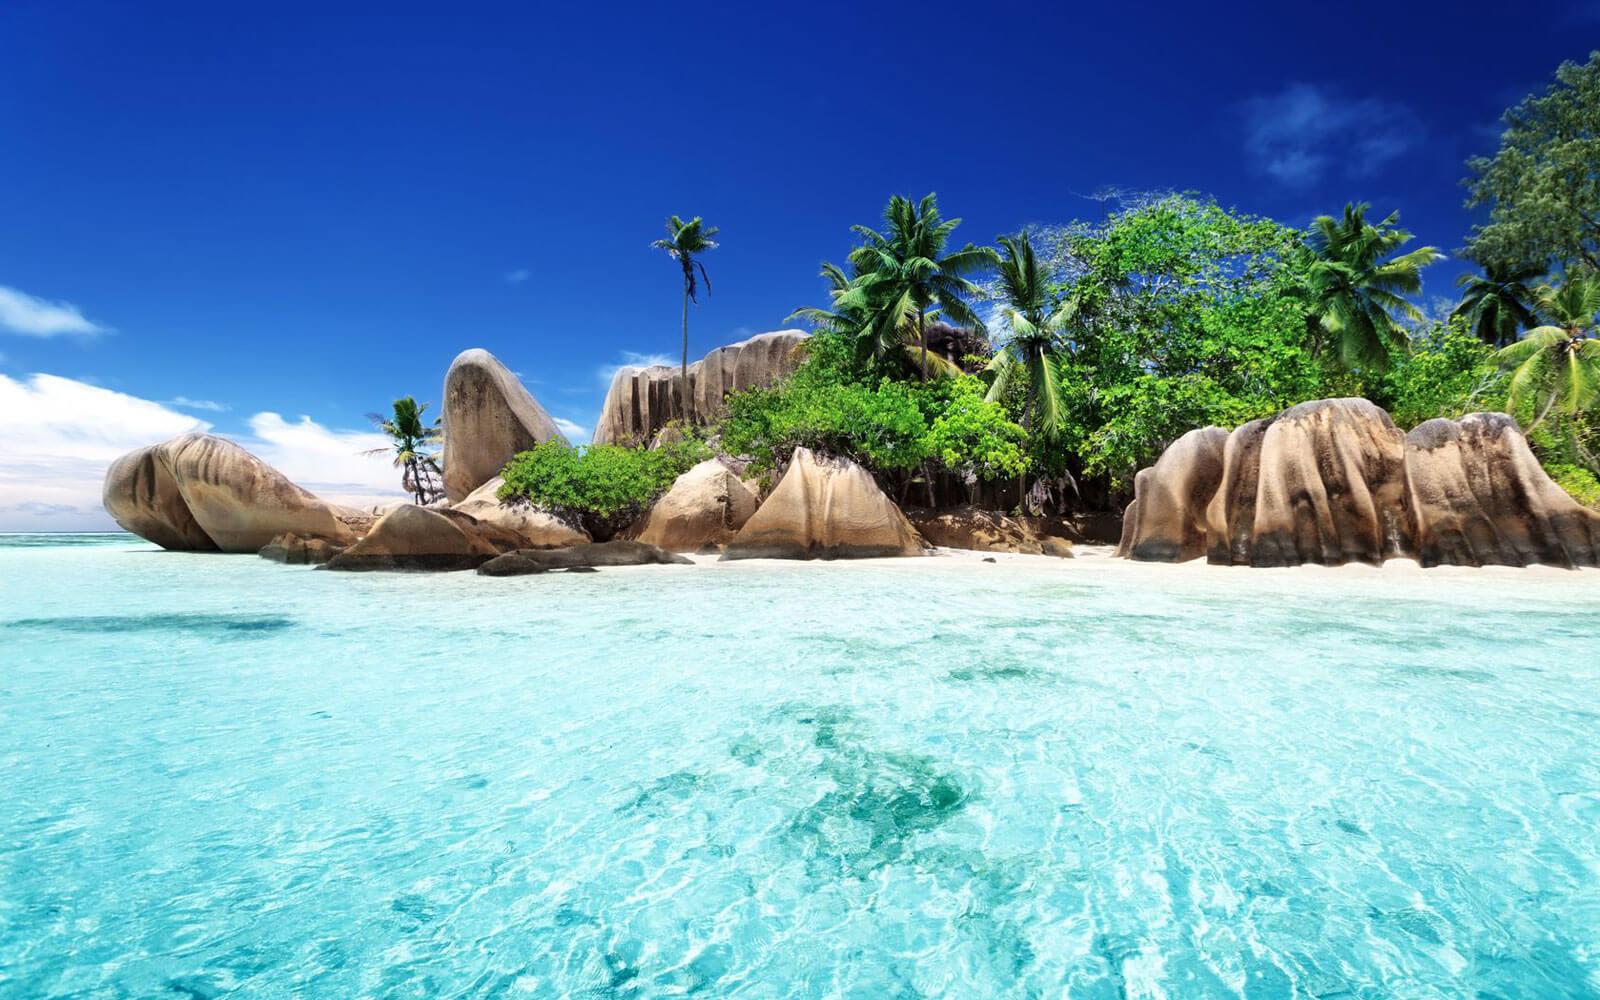 Фото самых красивых пляжей мира с описанием